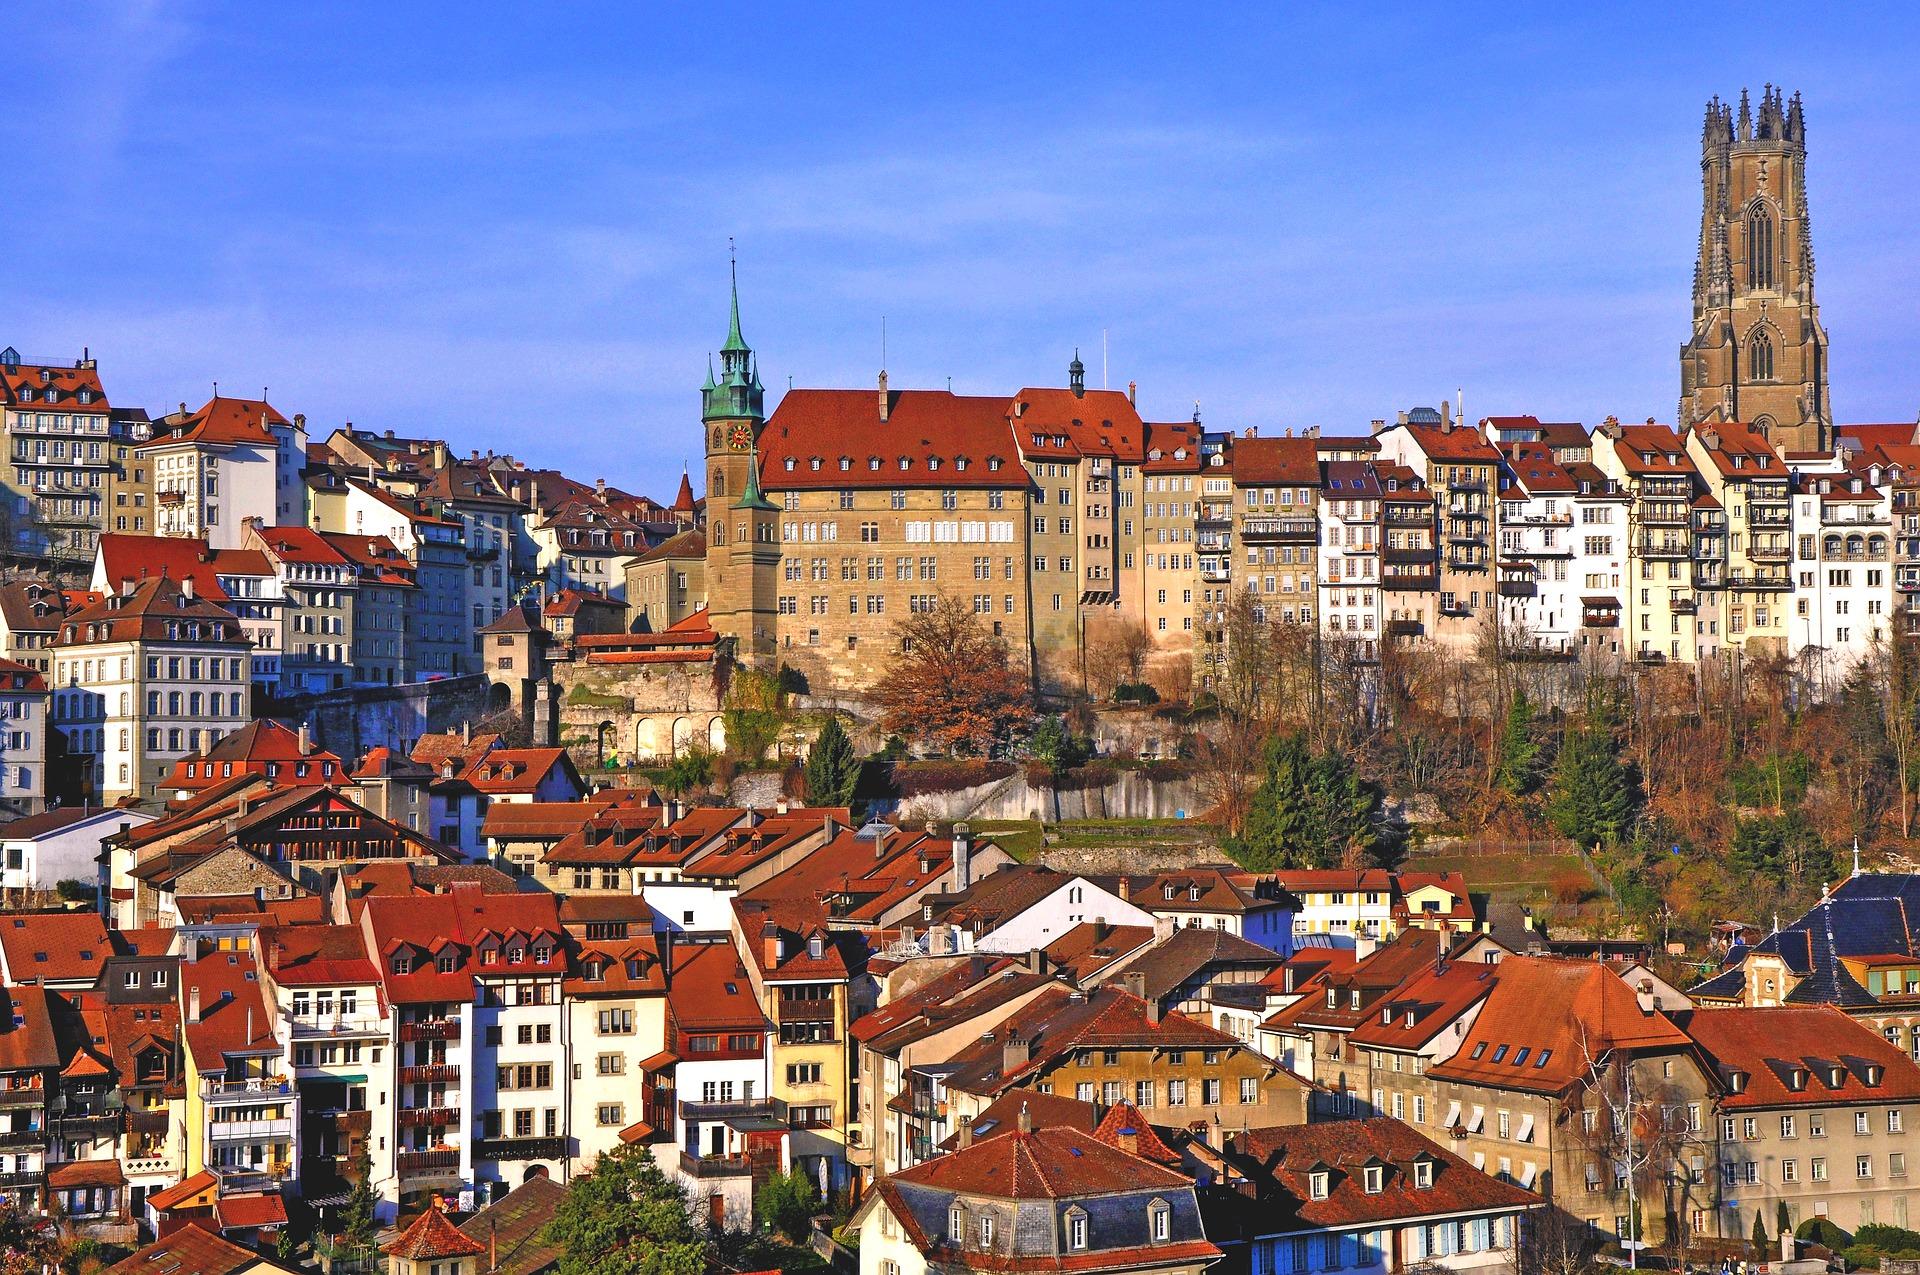 Freiburg Steckbrief – Geschichte